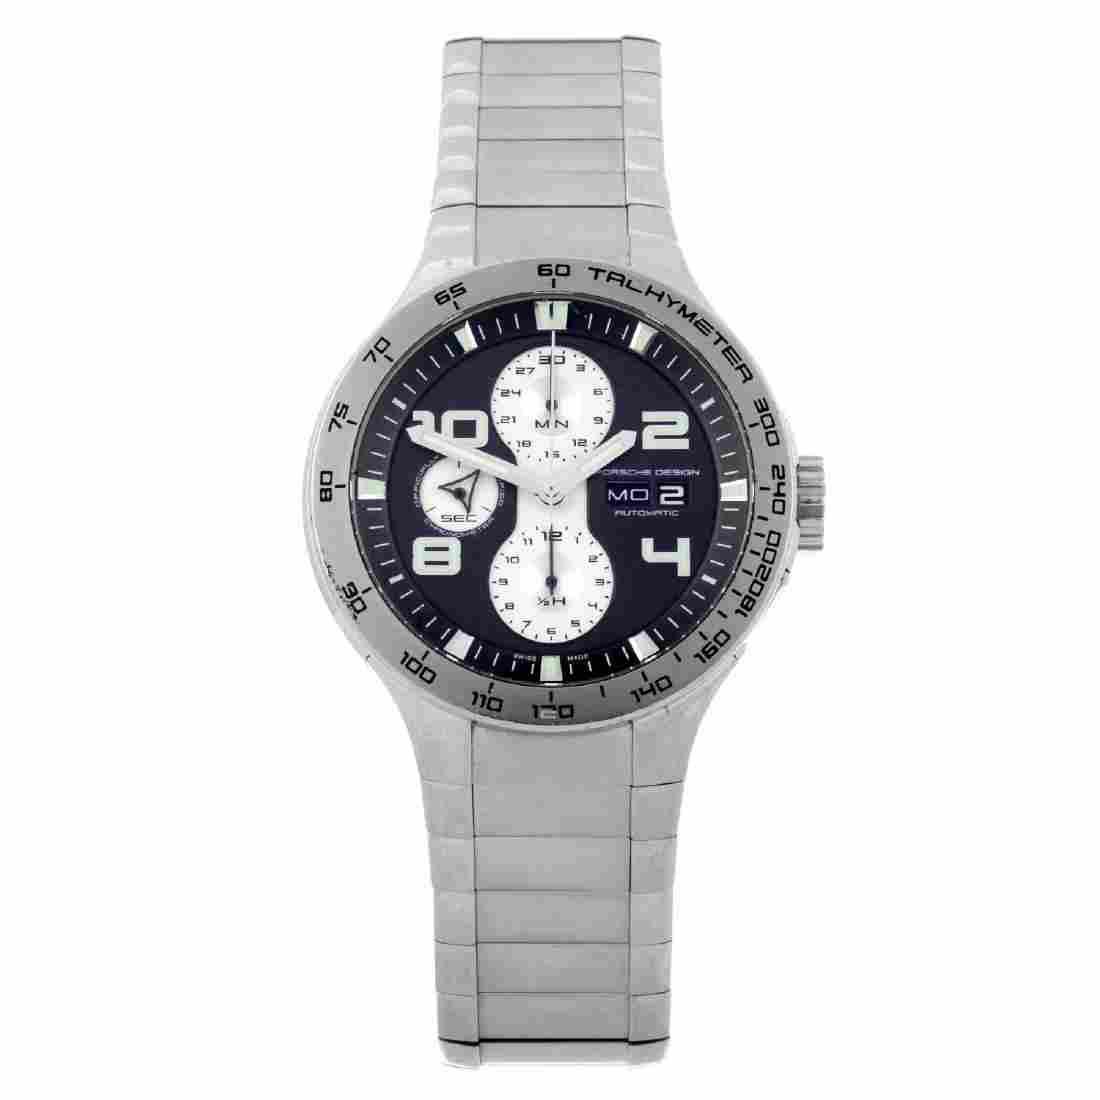 PORSCHE DESIGN - a gentleman's Flat Six chronograph